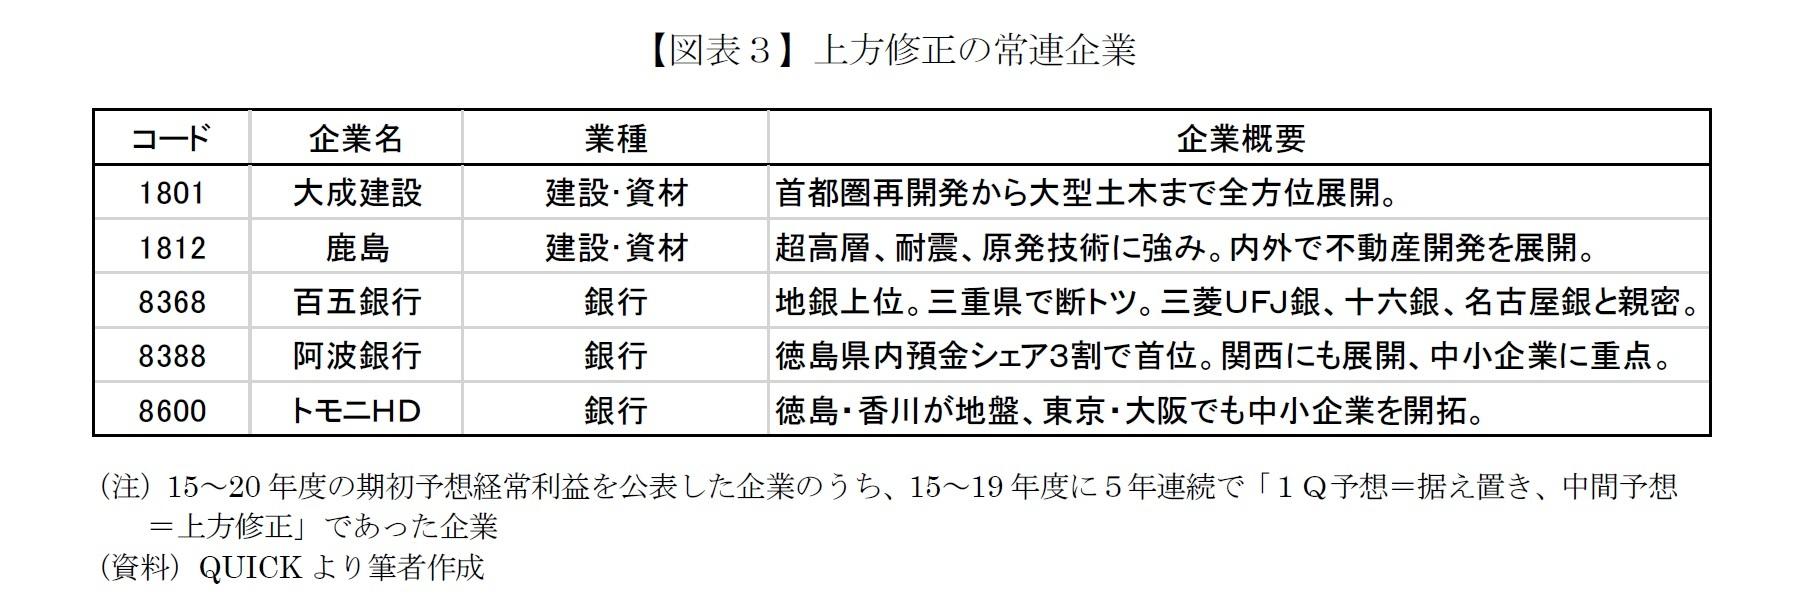 【図表3】上方修正の常連企業